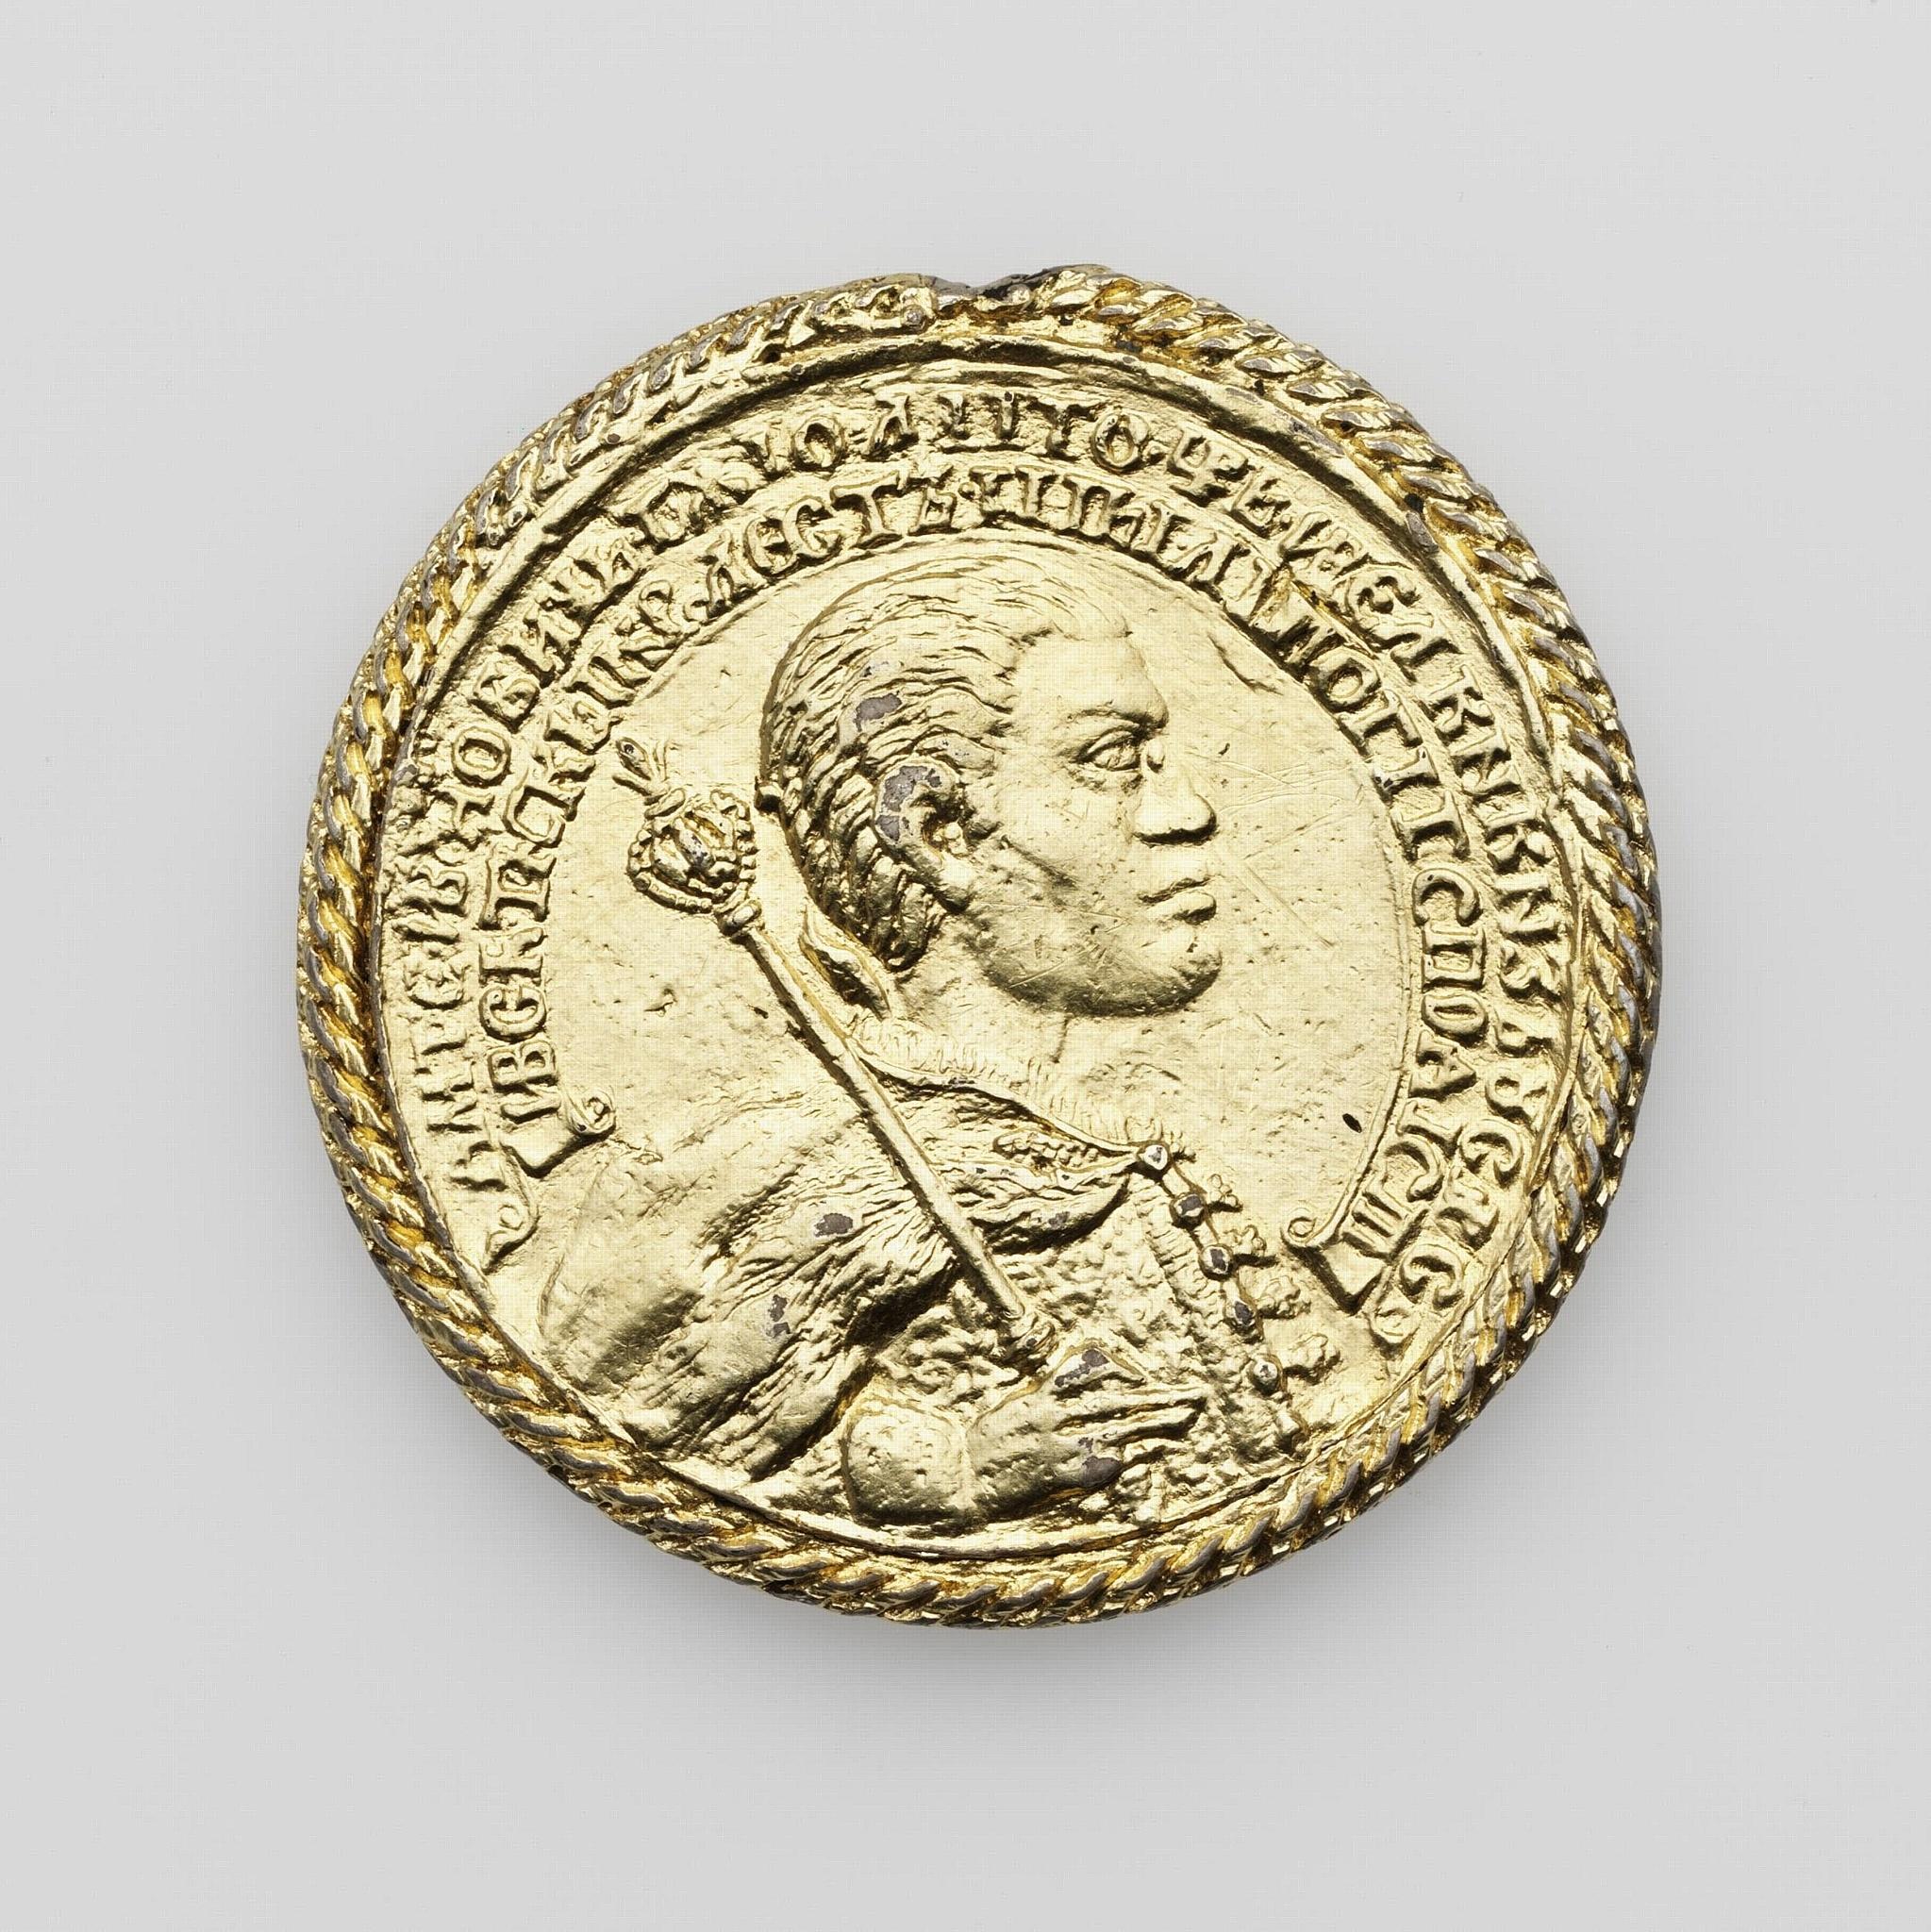 Медаль в память коронования Лжедмитрия I.  Отчеканена с оригинального штемпеля начала XVII в. (?) Москва, начало XVIII в. (?)